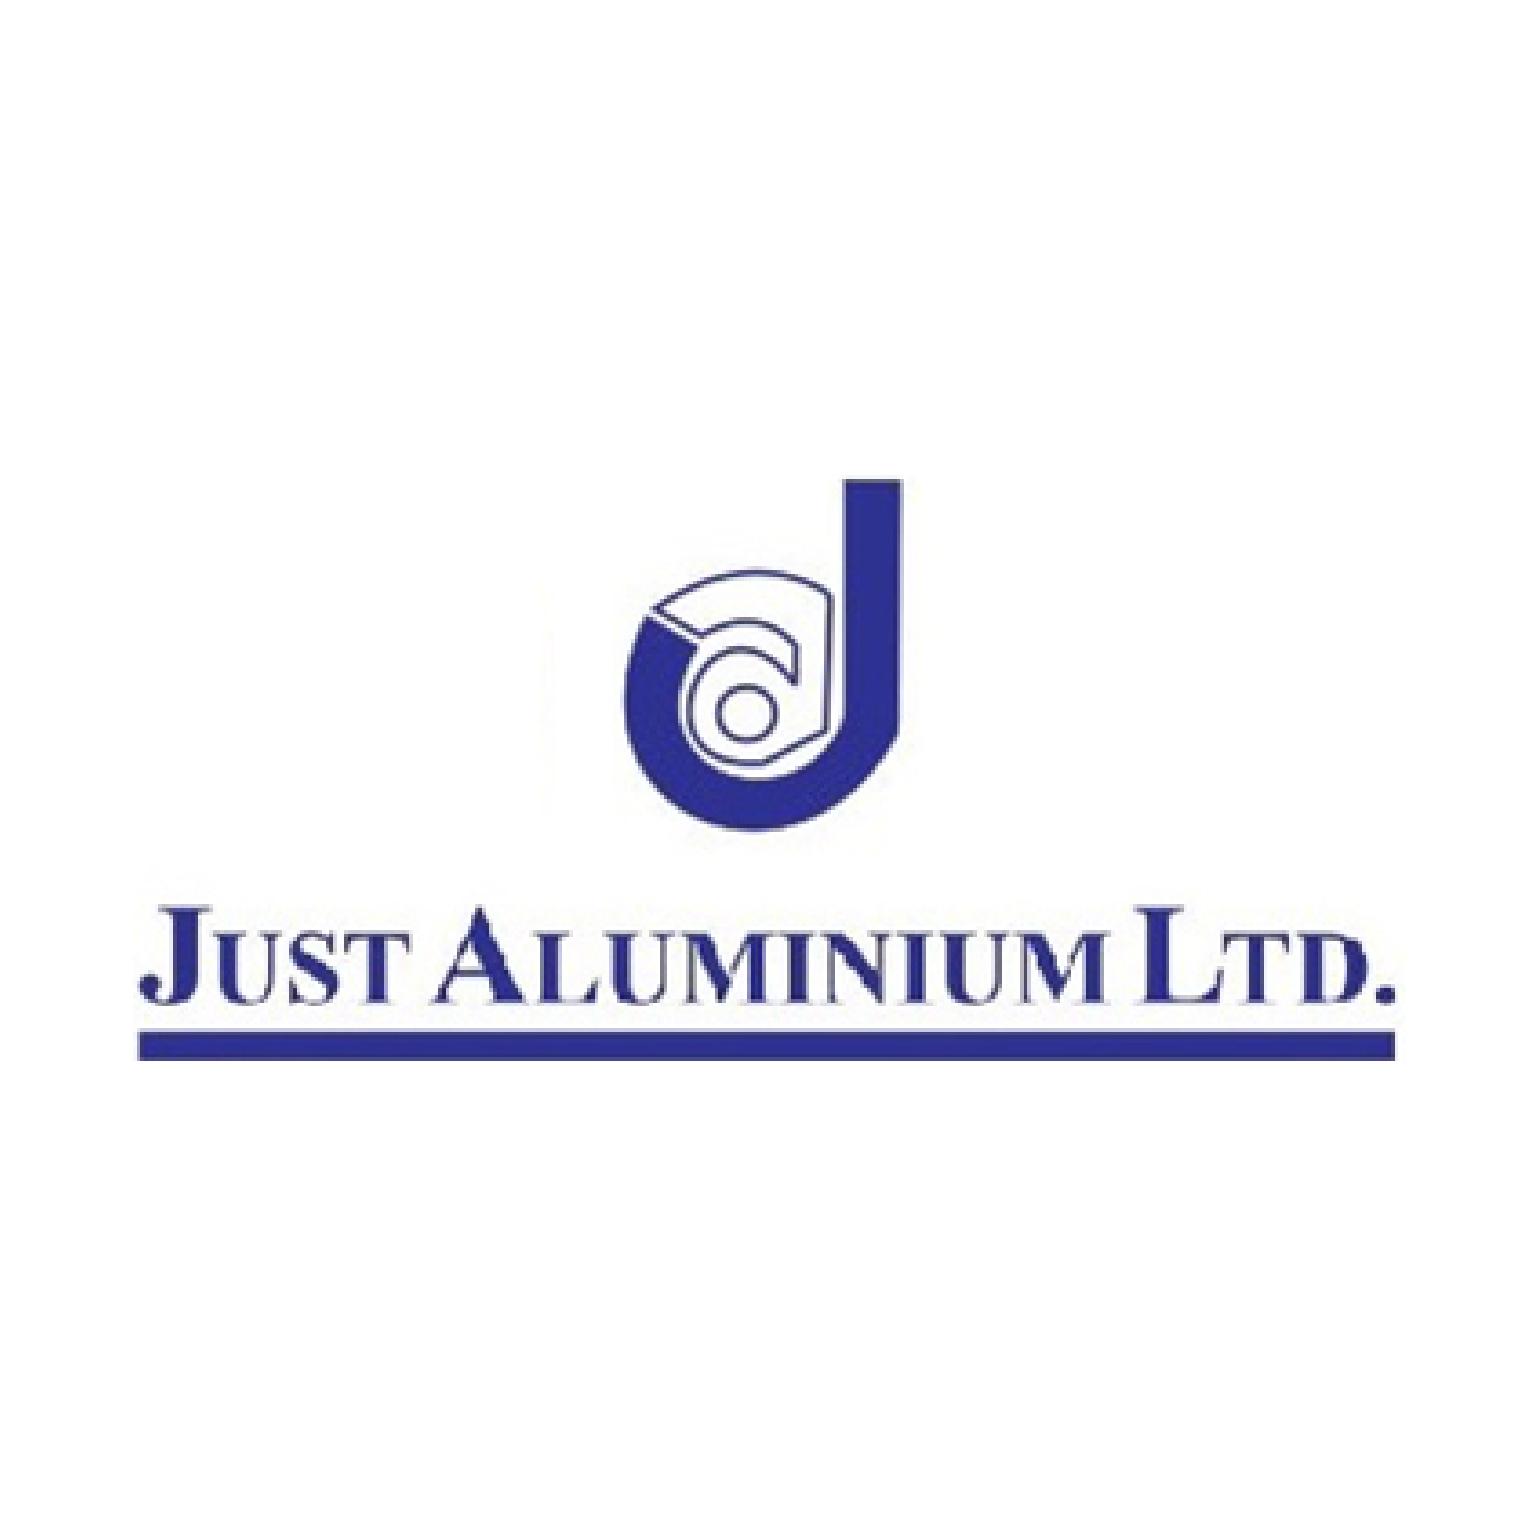 Just Aluminum